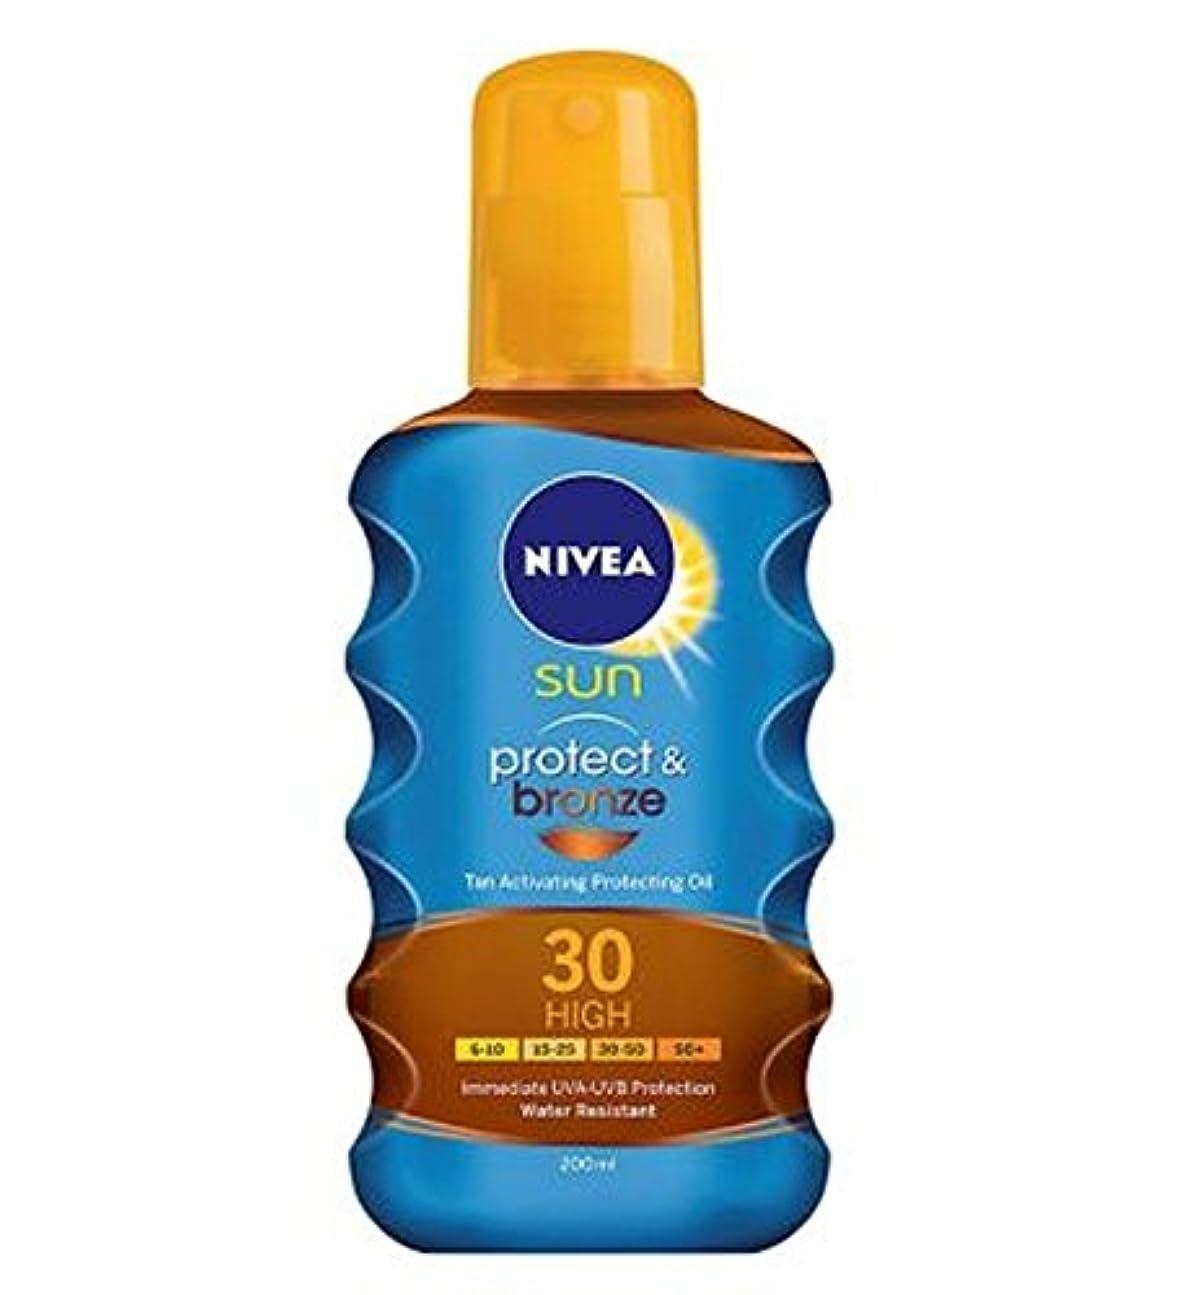 乏しいしなやかな選出するNivea Sun protect and bronze tan activating protecting oil spf 30 200ml - ニベアの日は、保護し、オイルSpf 30 200ミリリットルを保護ブロンズ...